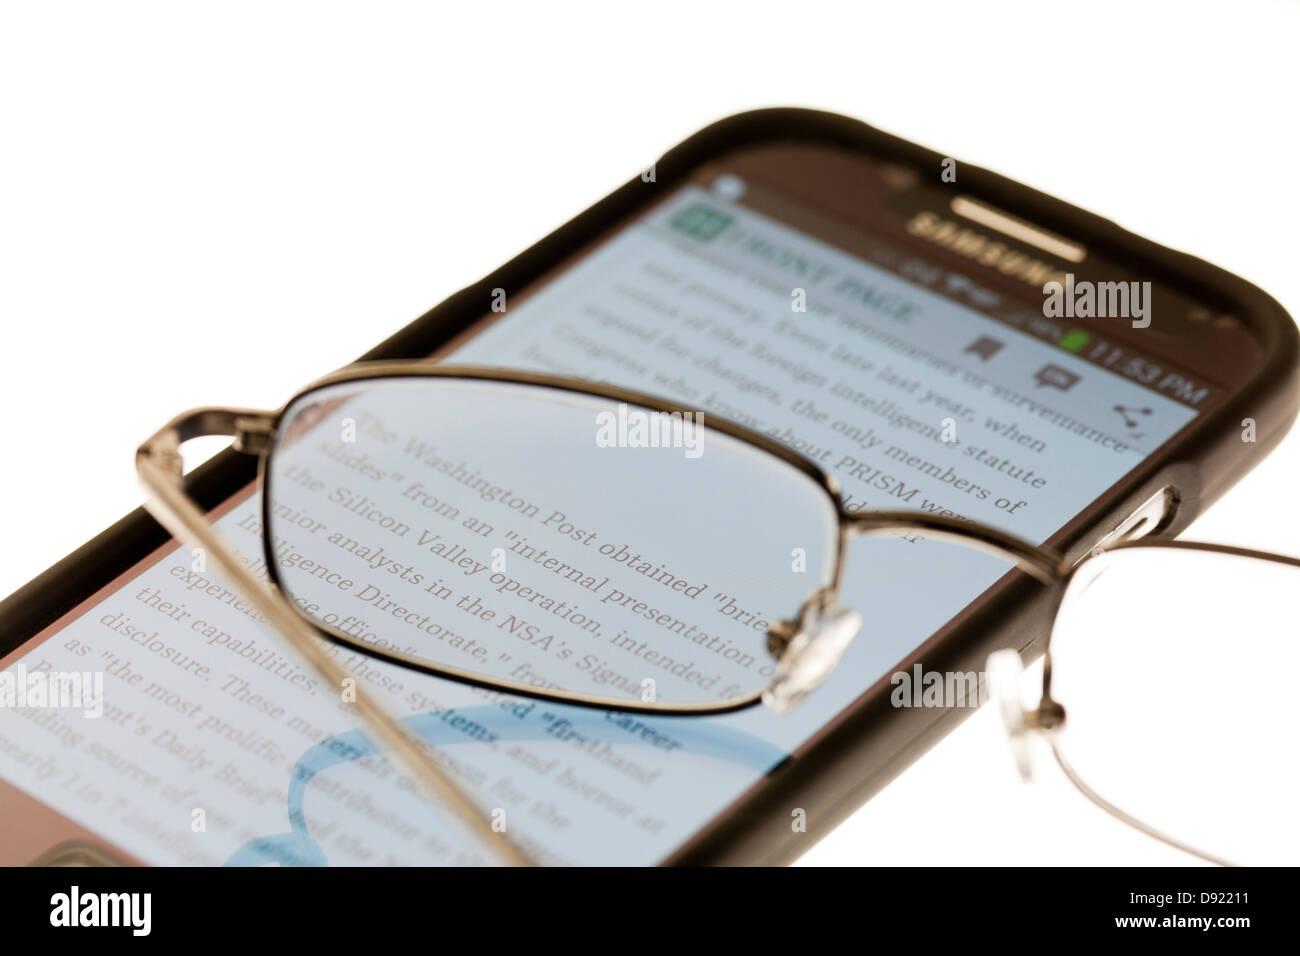 Lesebrille auf Smartphone Stockbild